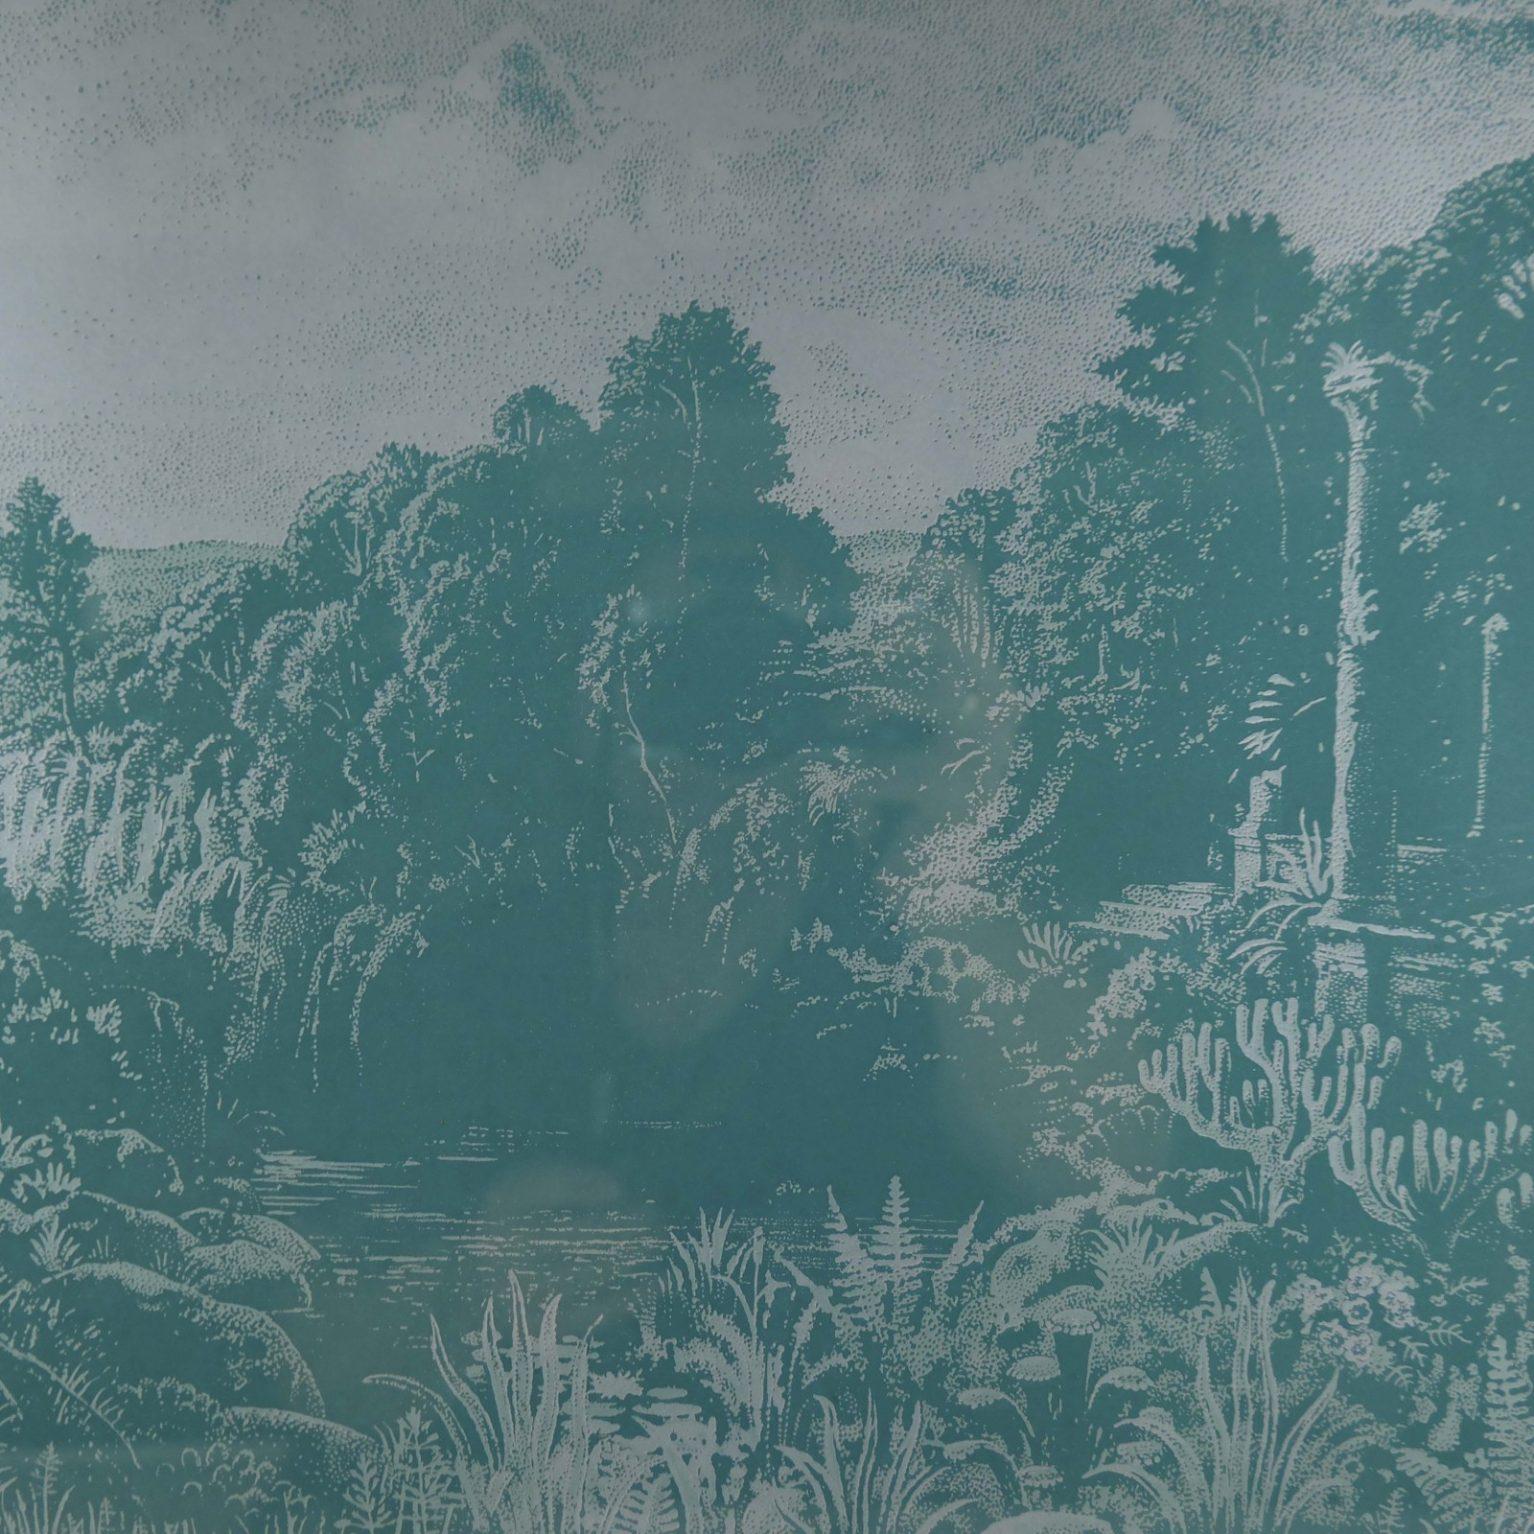 Jos Muris (1936-1984) – Romantisch landschap